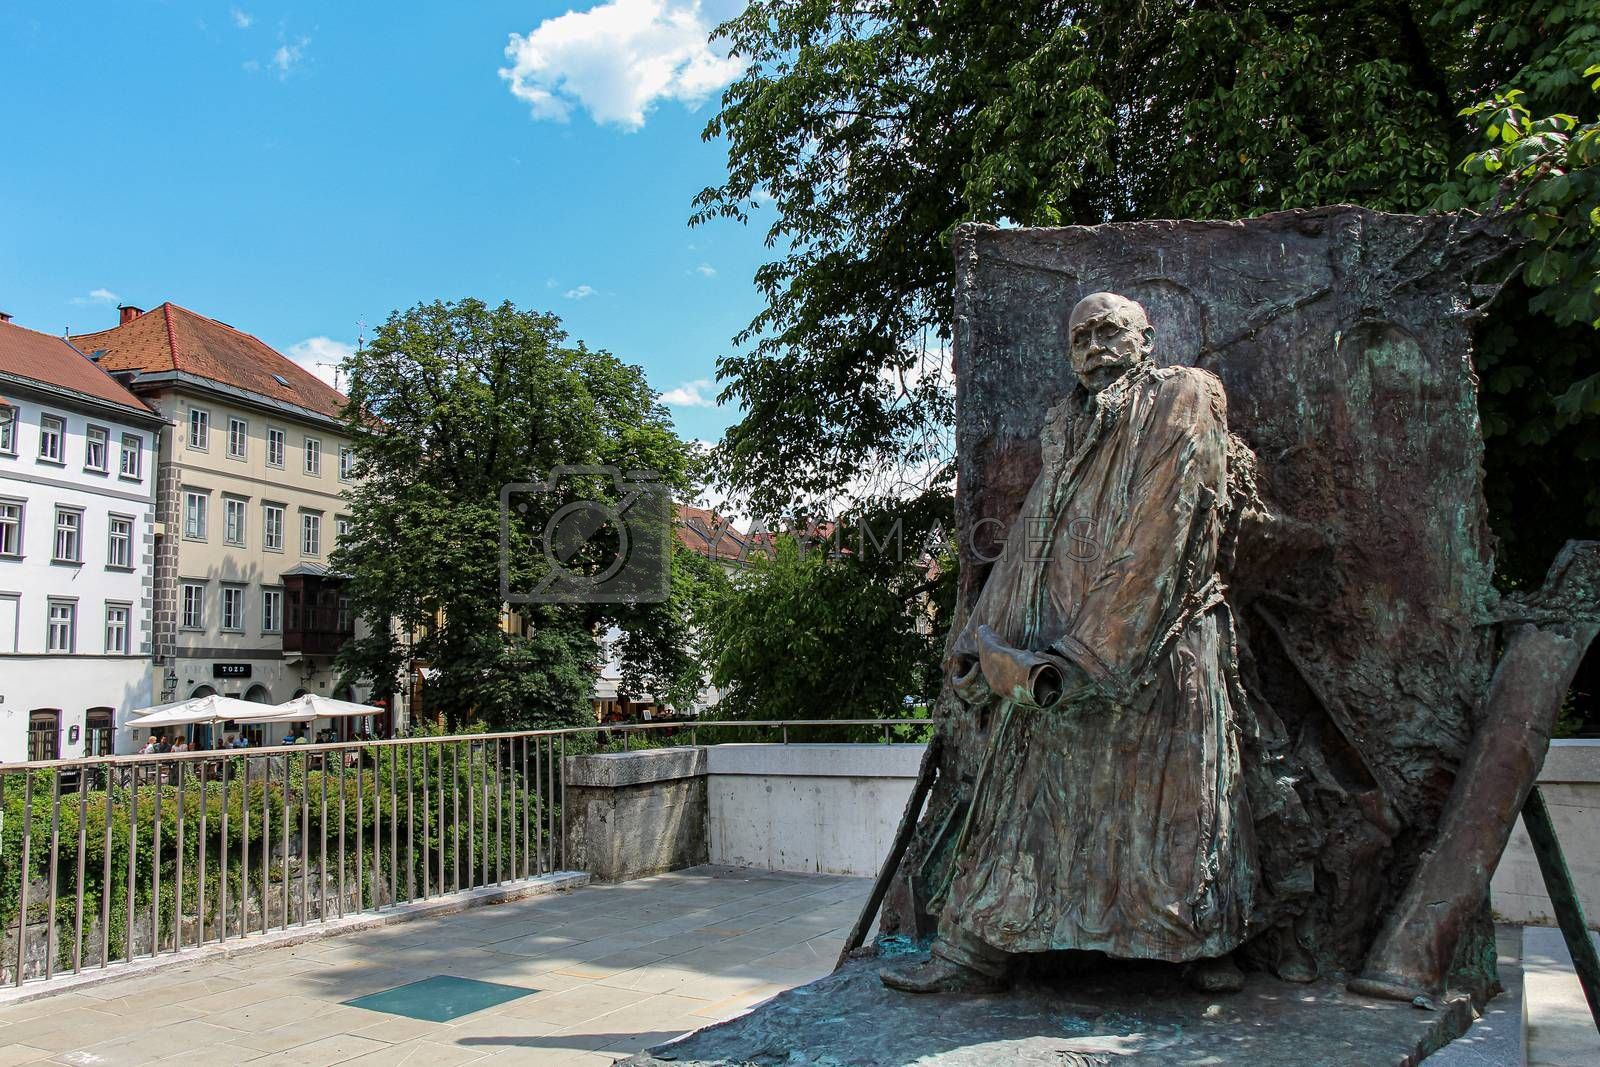 Ljubljana, Slovenia - July 16th 2018: Ivan Hribar Statue Sculpture in Justice Square, Ljubljana, Slovenia